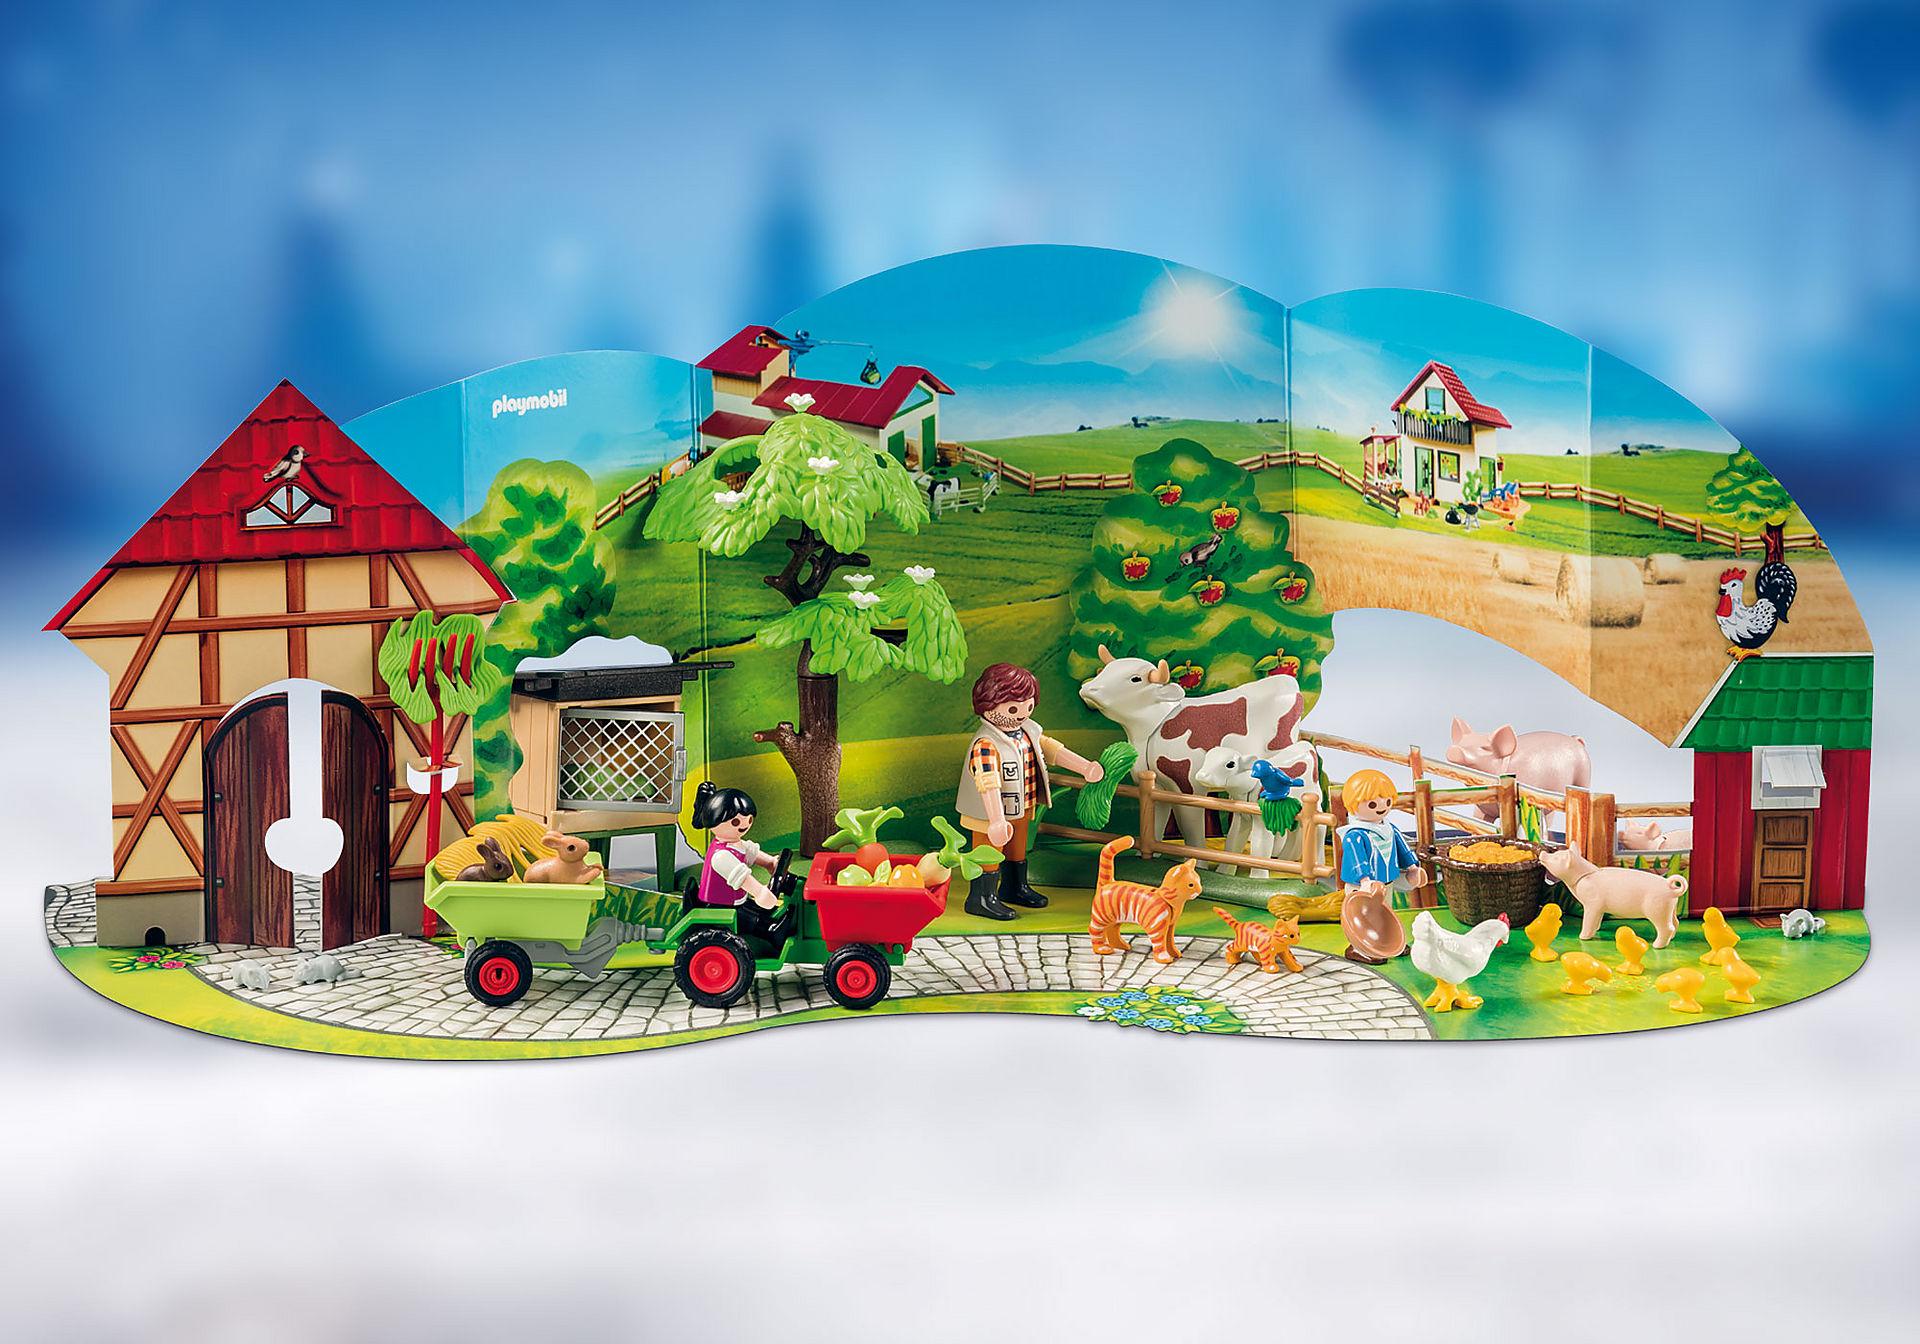 70189 Calendario dell'Avvento - La fattoria zoom image4